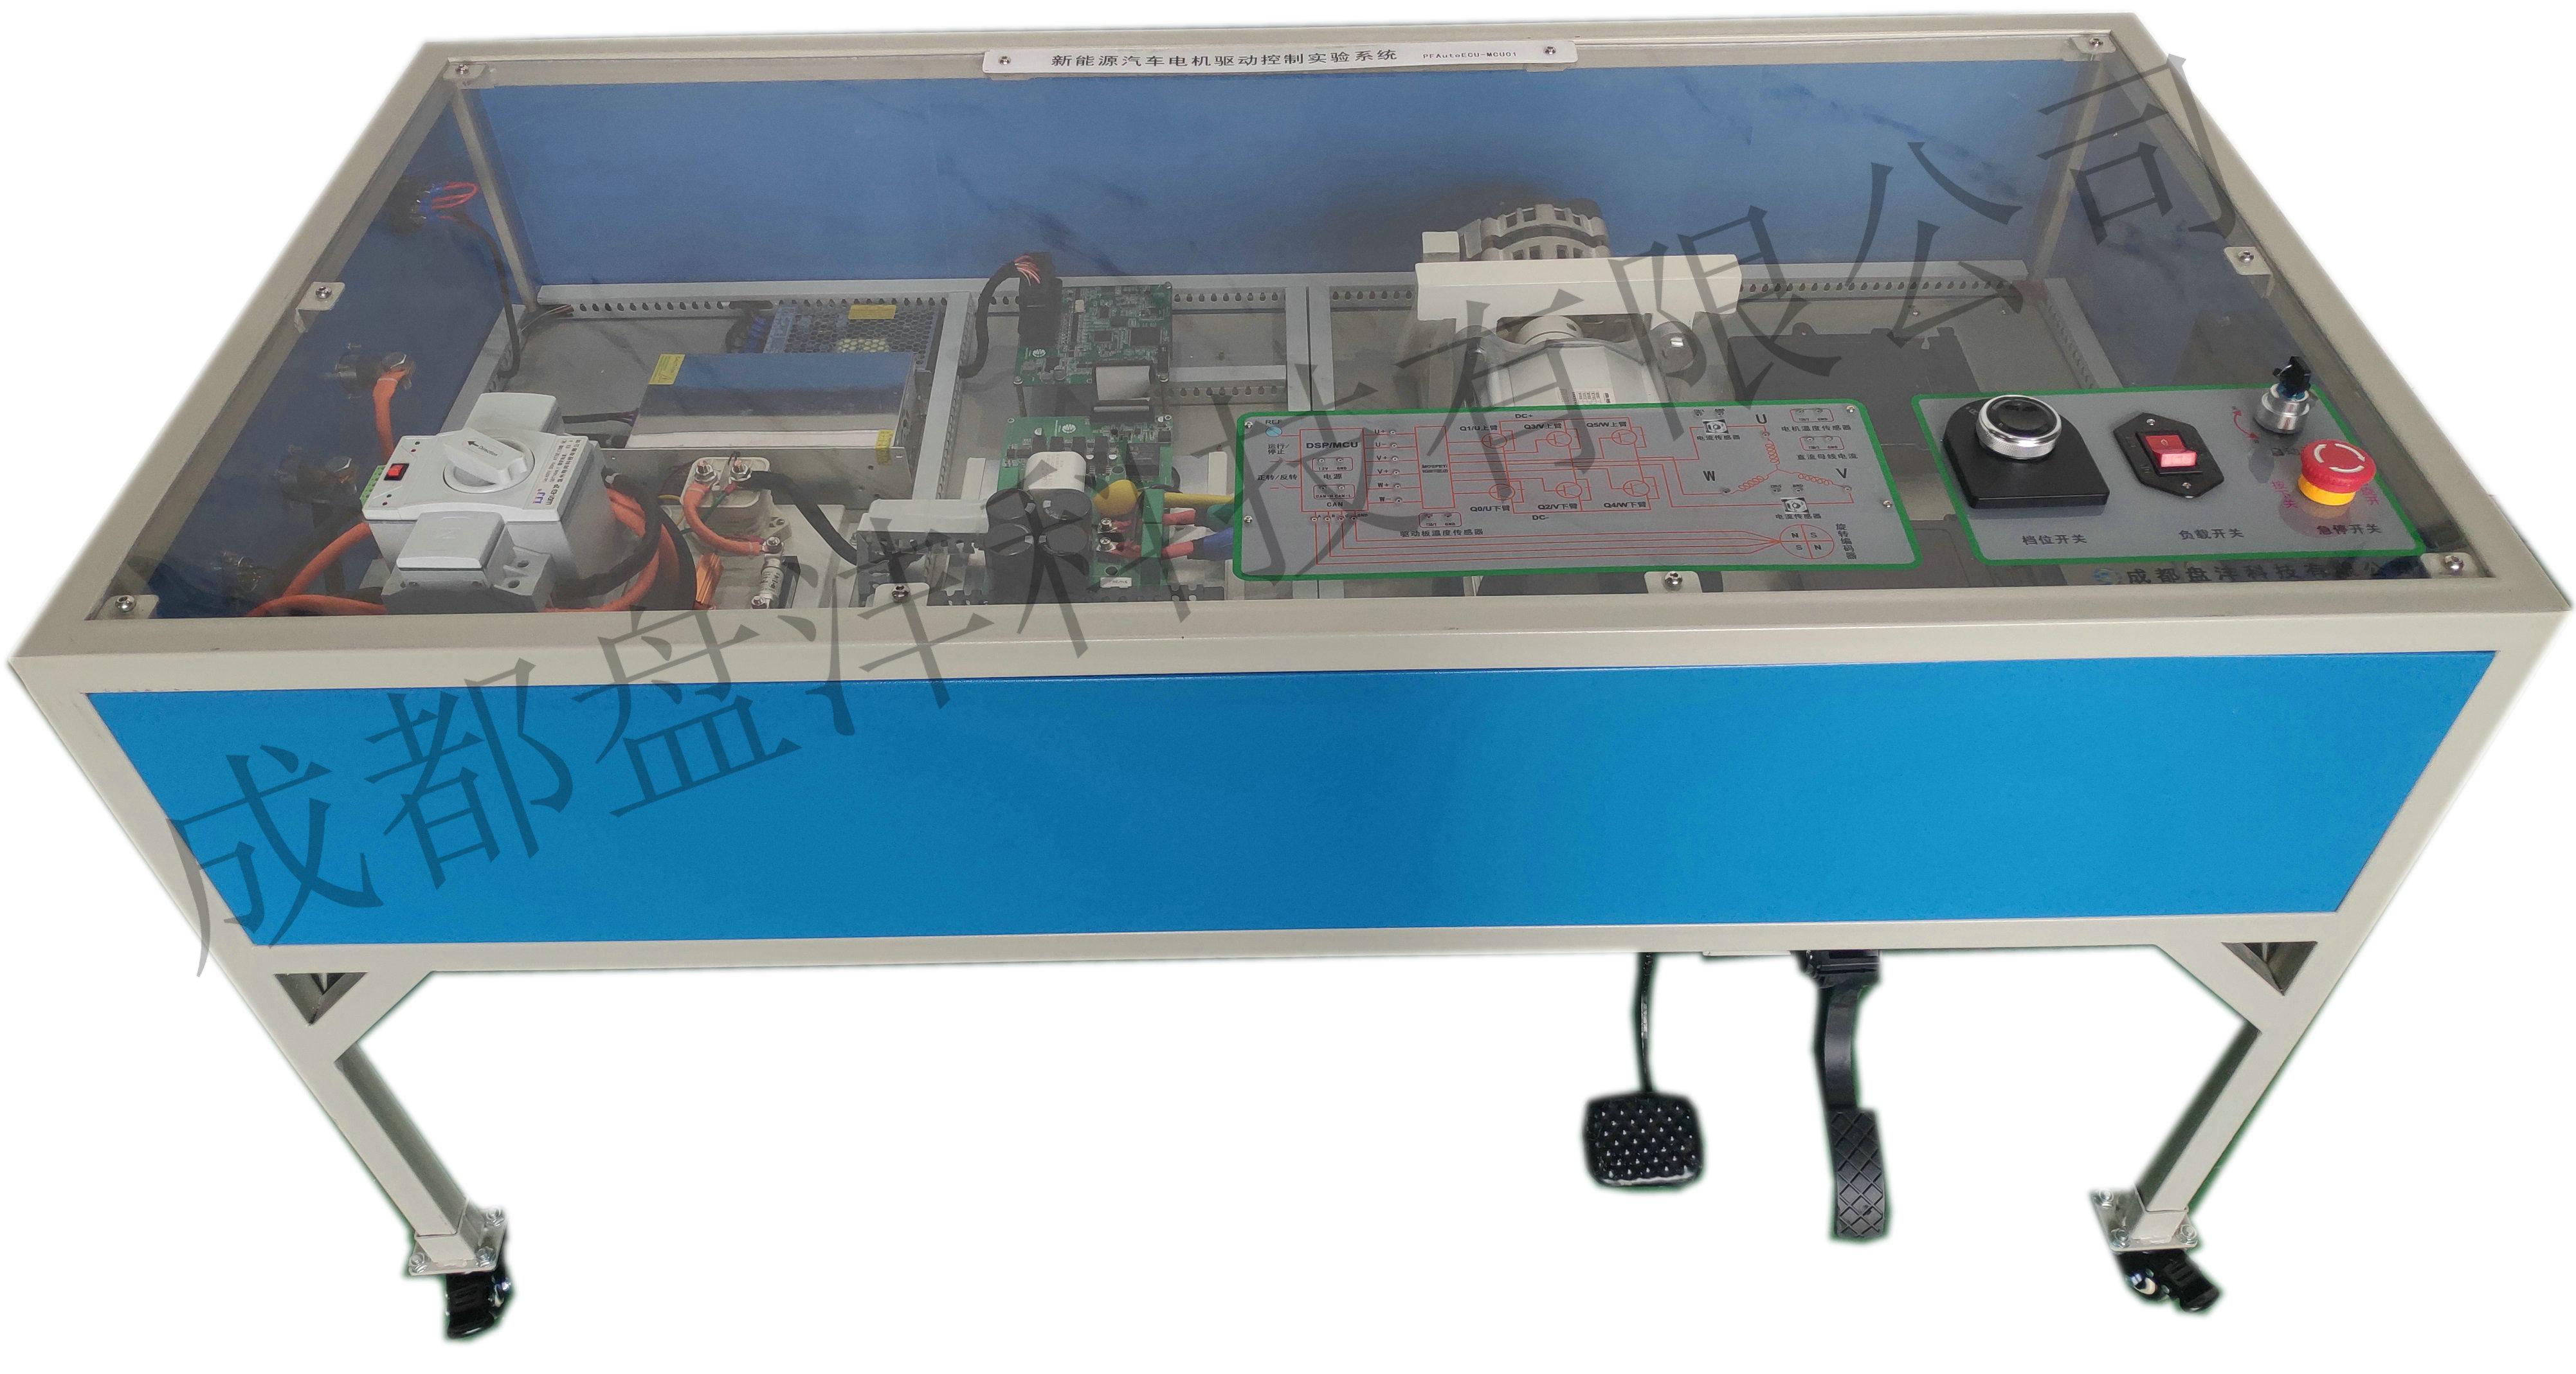 新能源汽车电机驱动控制测试(台架)实验系统